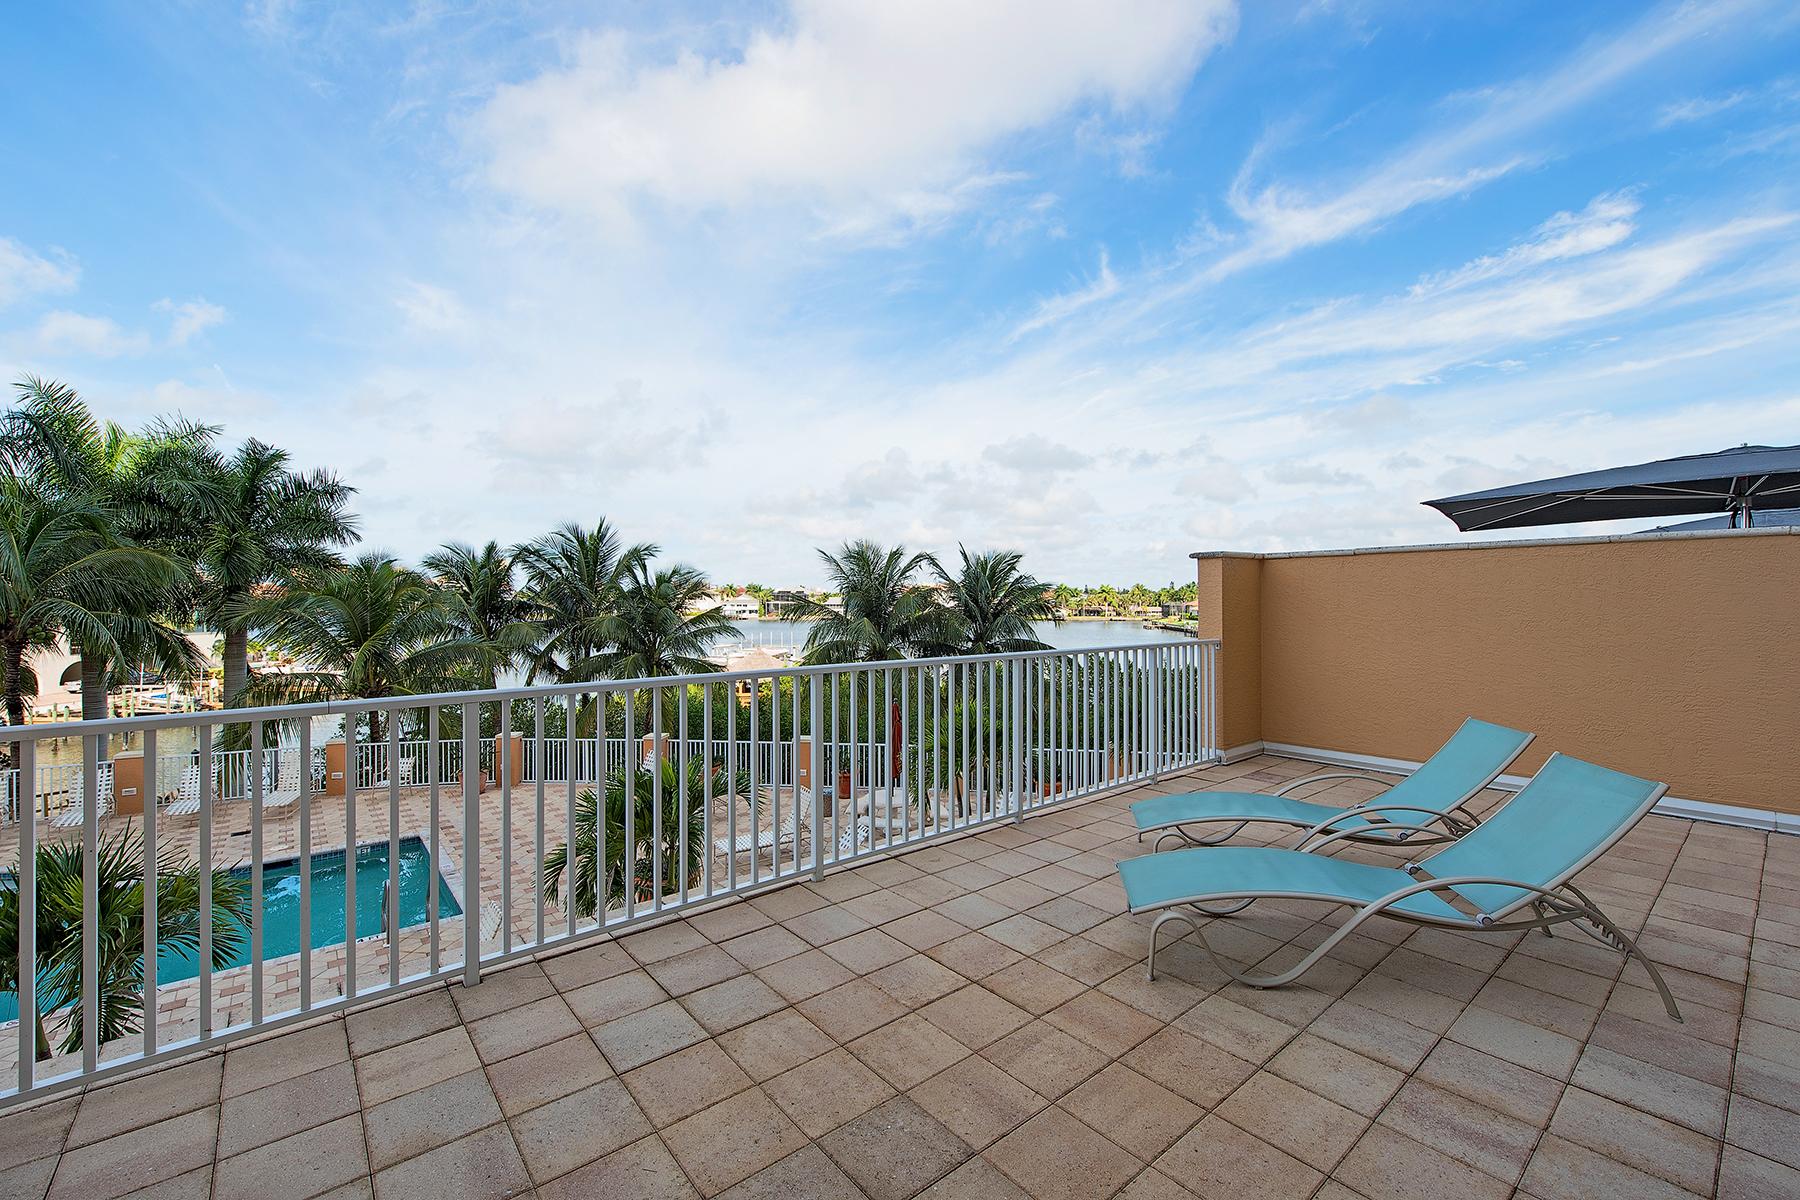 Condominium for Sale at VANDERBILT BEACH - REGATTA 400 Flagship Dr 306 Naples, Florida 34108 United States